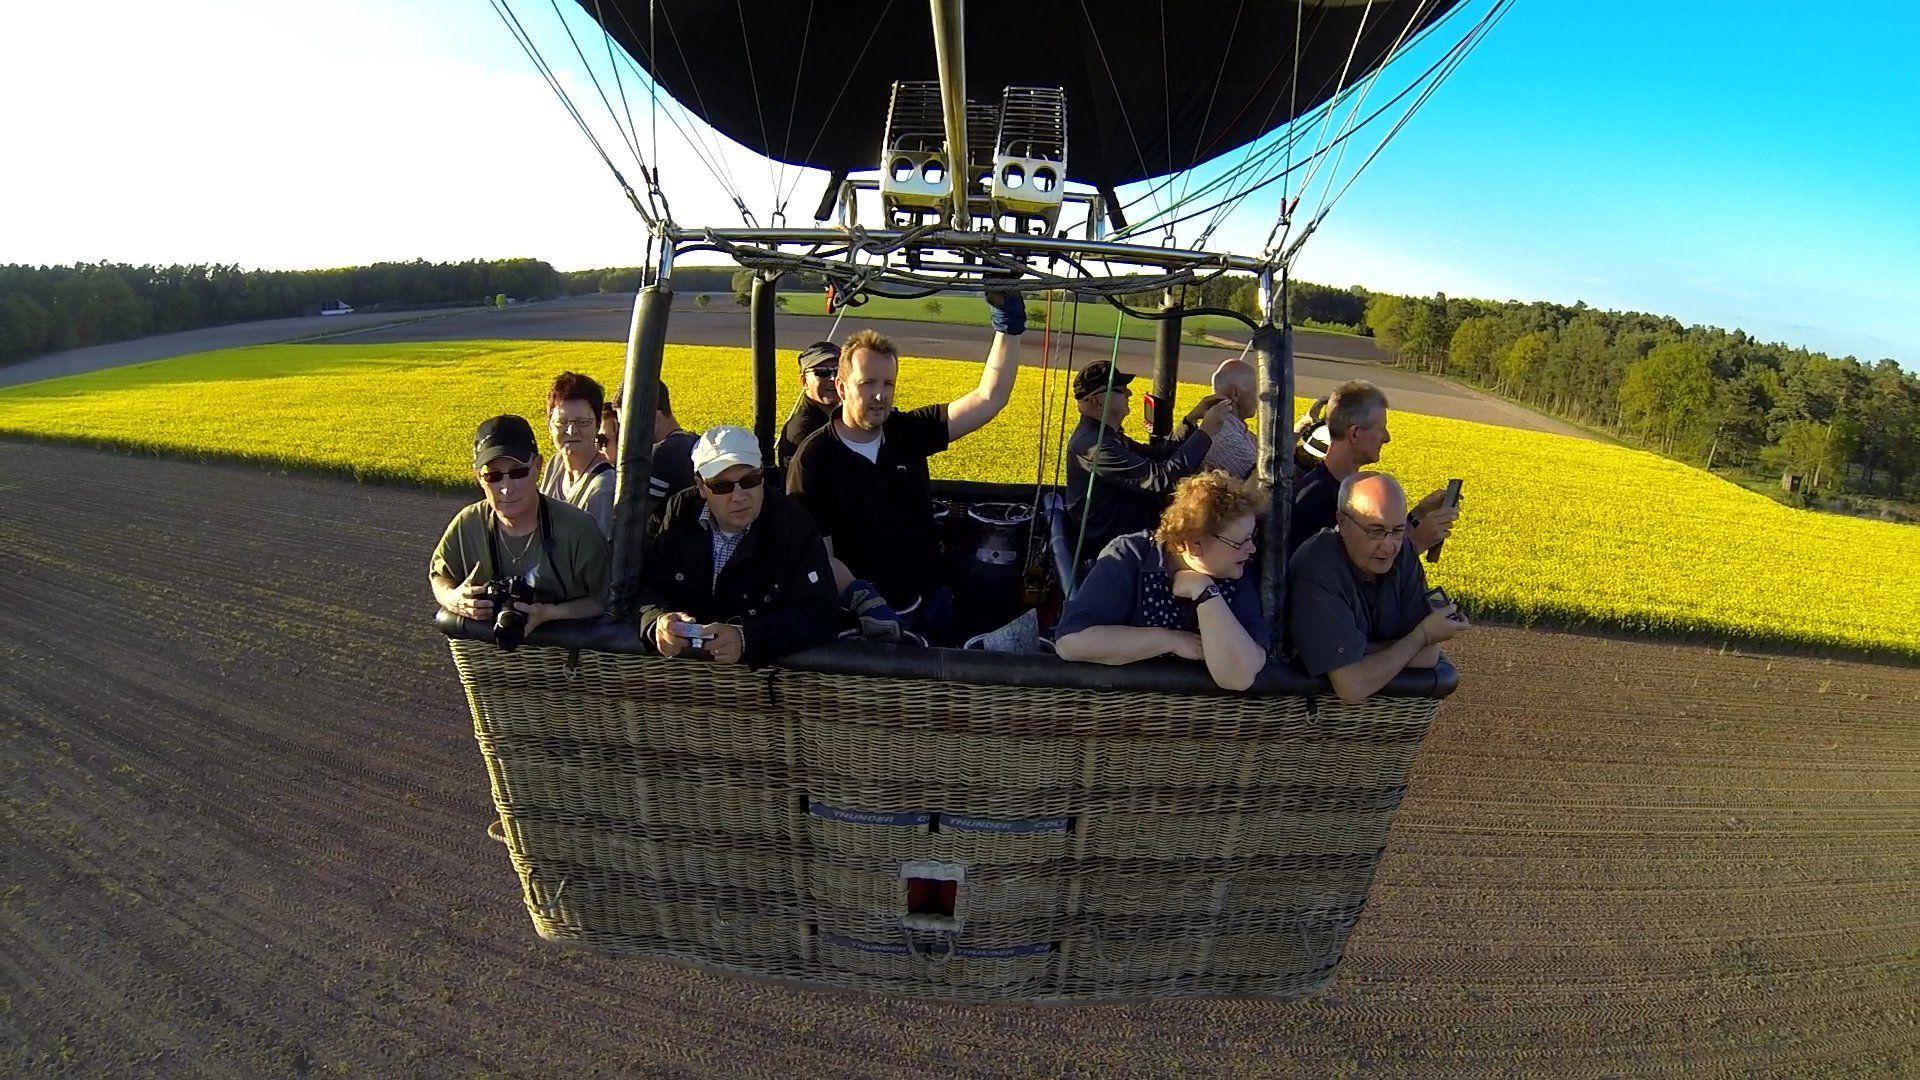 Der Heißluftballon D-OLAU fuhr quer durch die Kontrollzone des Nürnberger Flughafens.